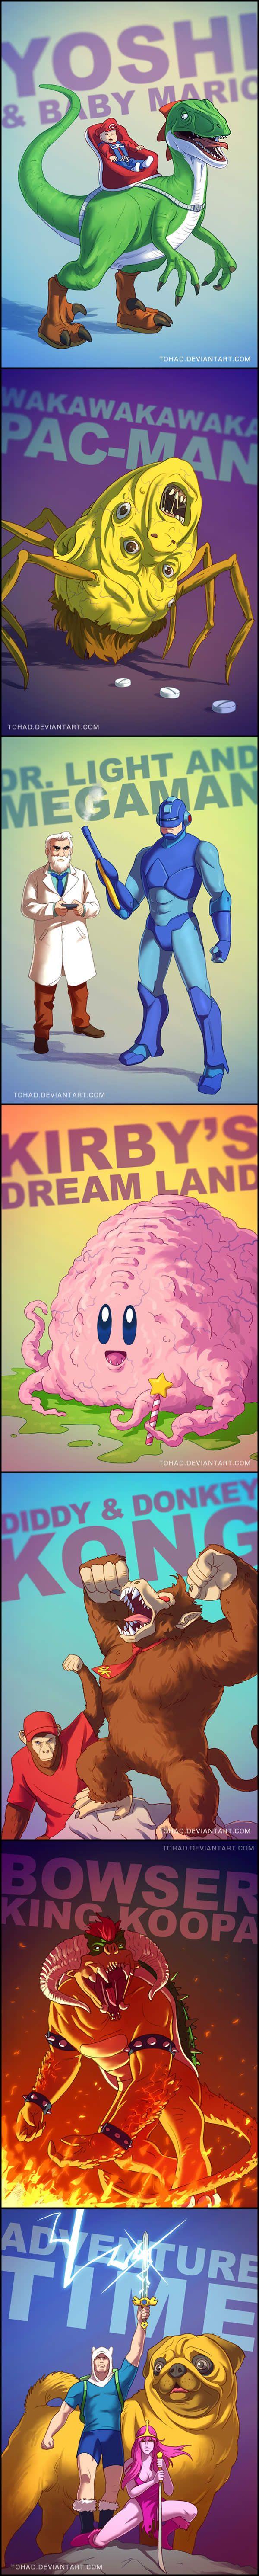 The Adventure Time LooooL!!!